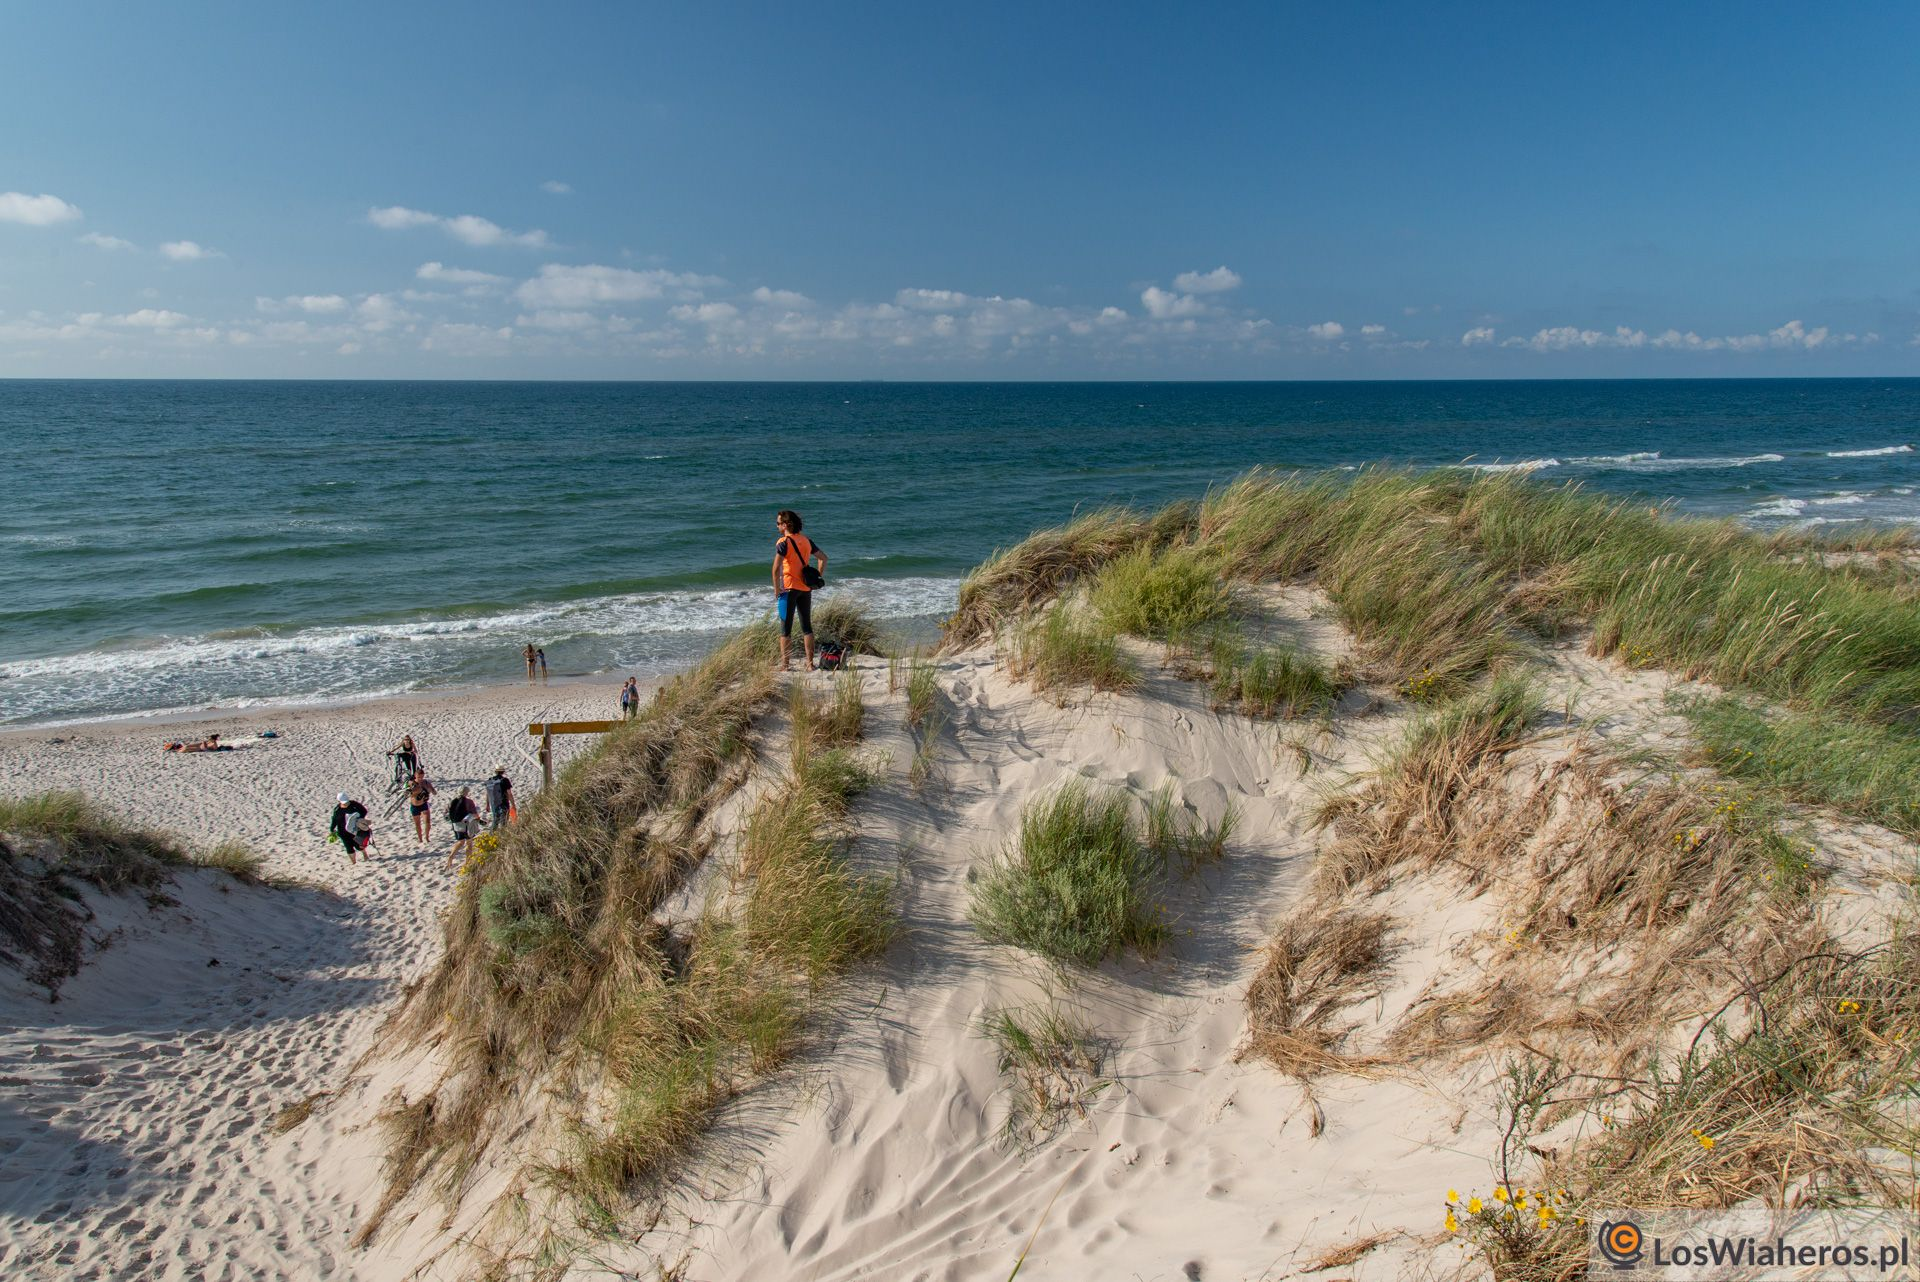 Plaża wCzołpinie